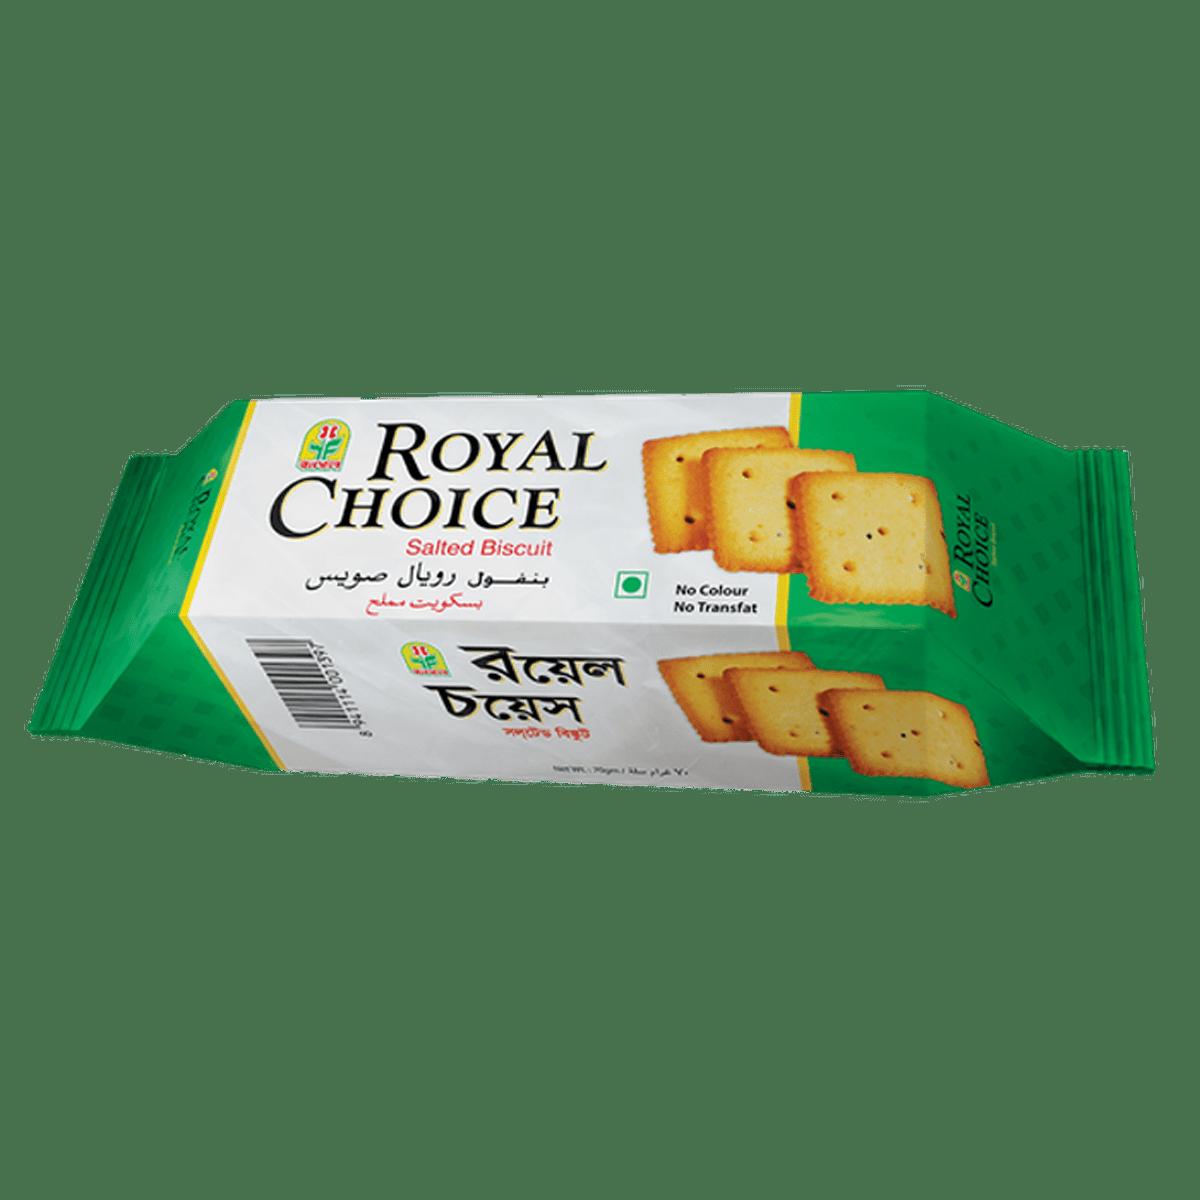 Royal Choice 70G Banoful